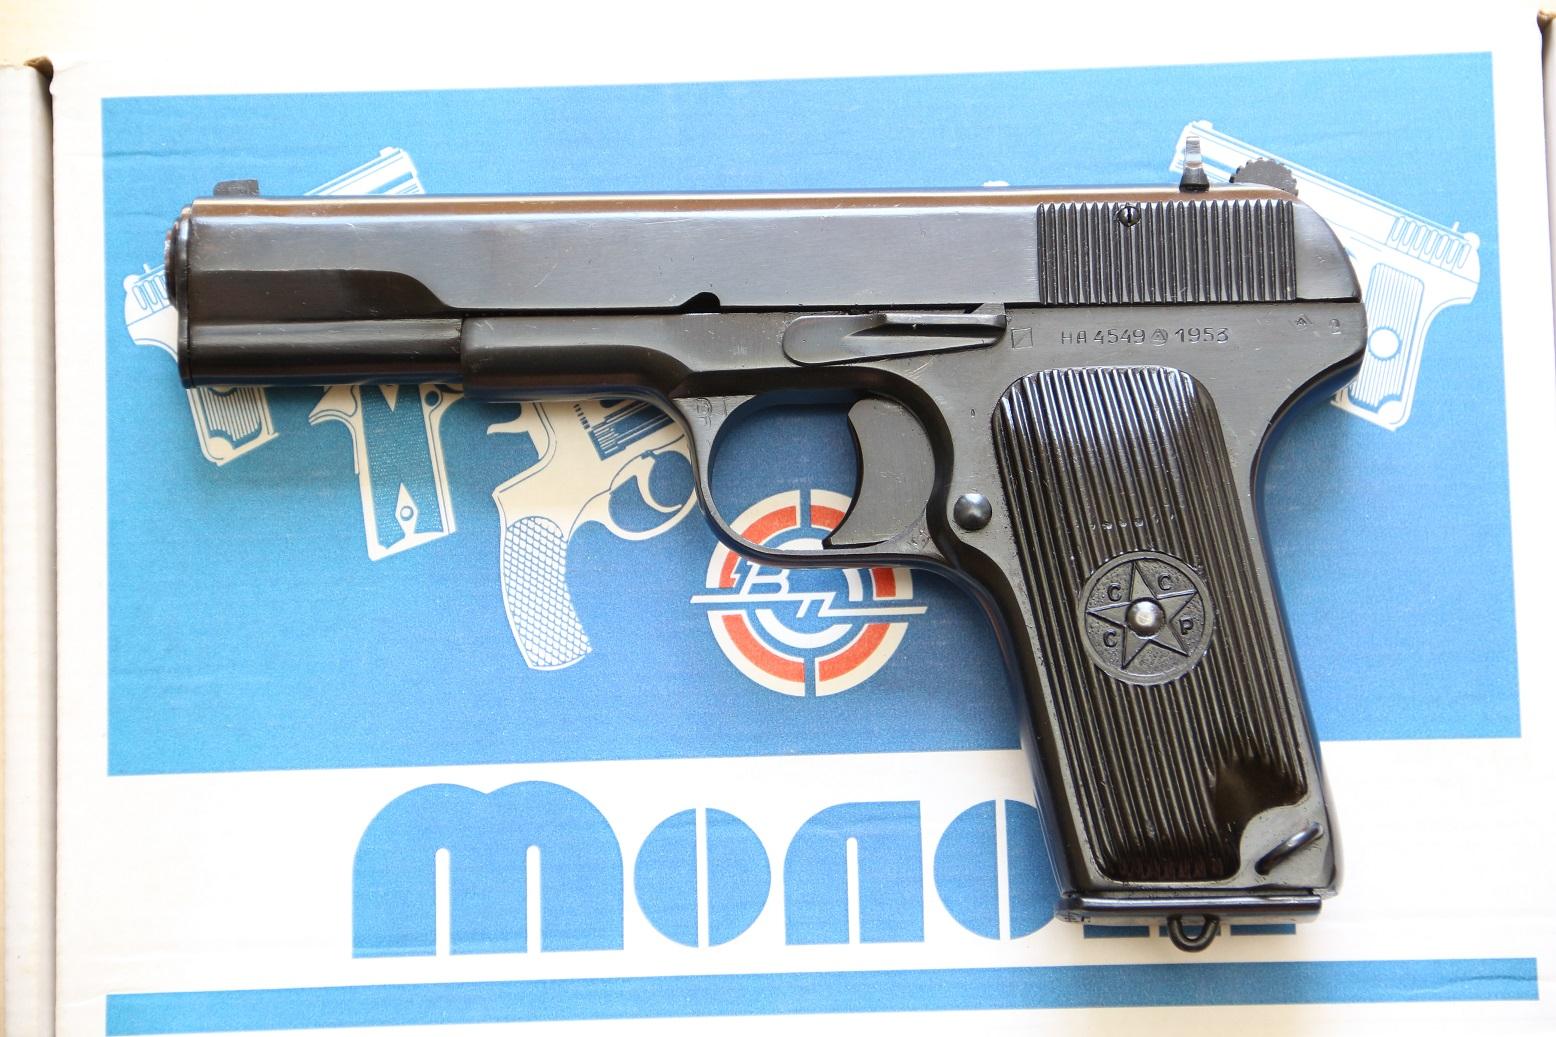 Фото Сигнальный пистолет ТТ-С 1953 год, №НА4549